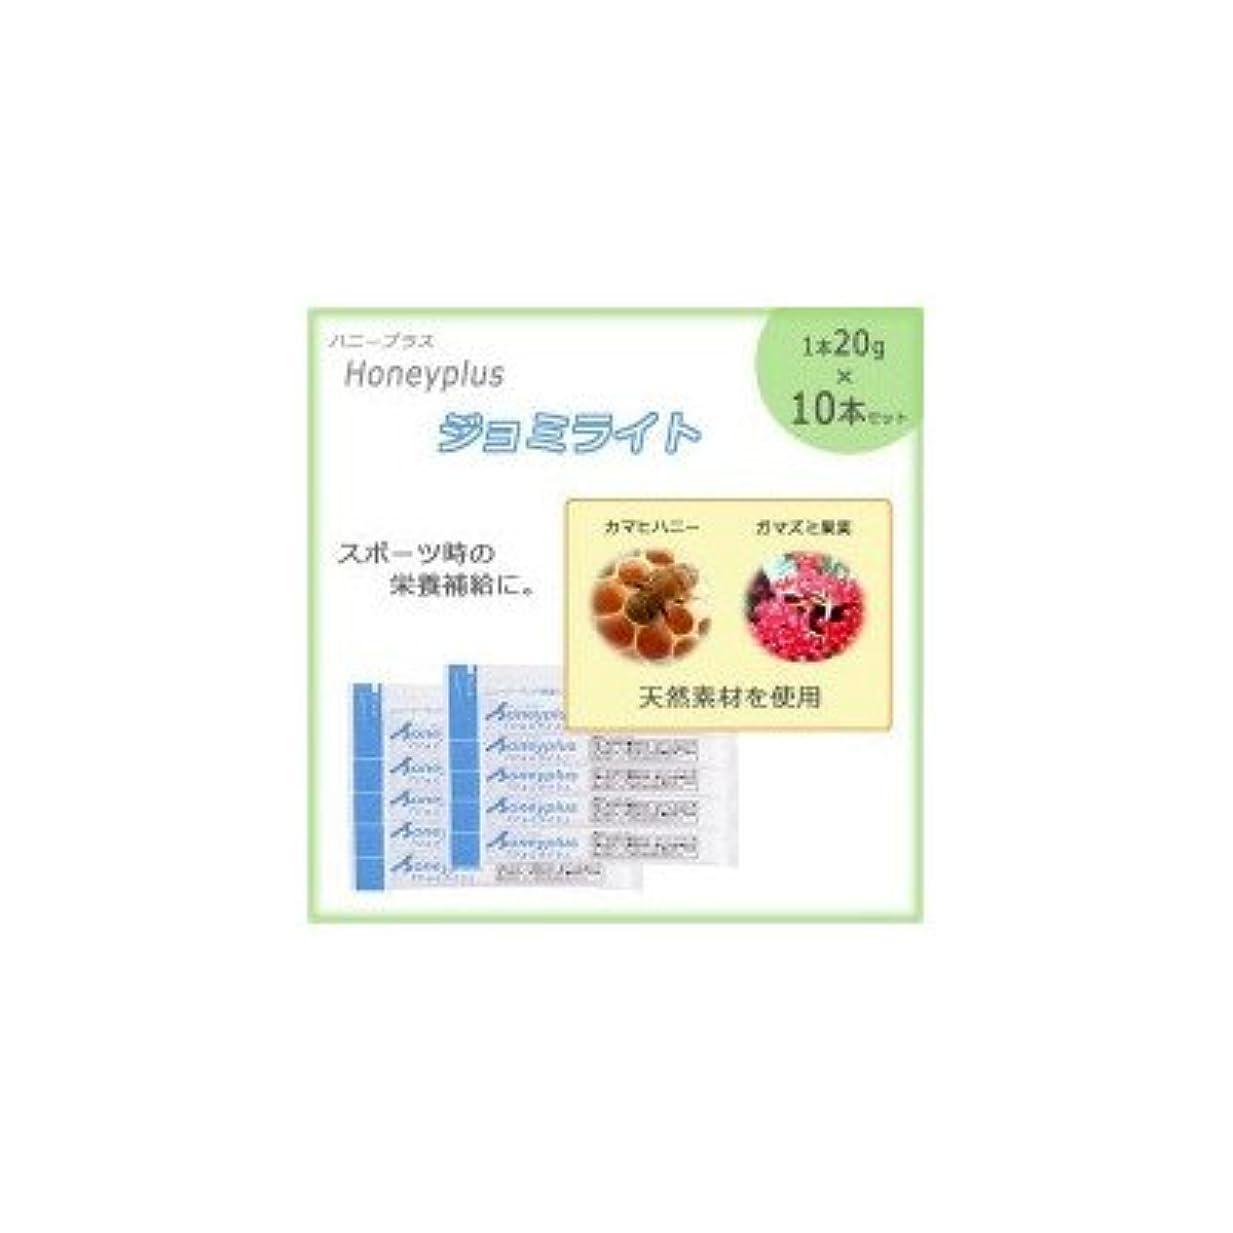 散逸フェザー請求書Honeyplus(ハニープラス) ジョミライト 10本セット 美味しくて飲みやすい 回復系スポーツサプリメント